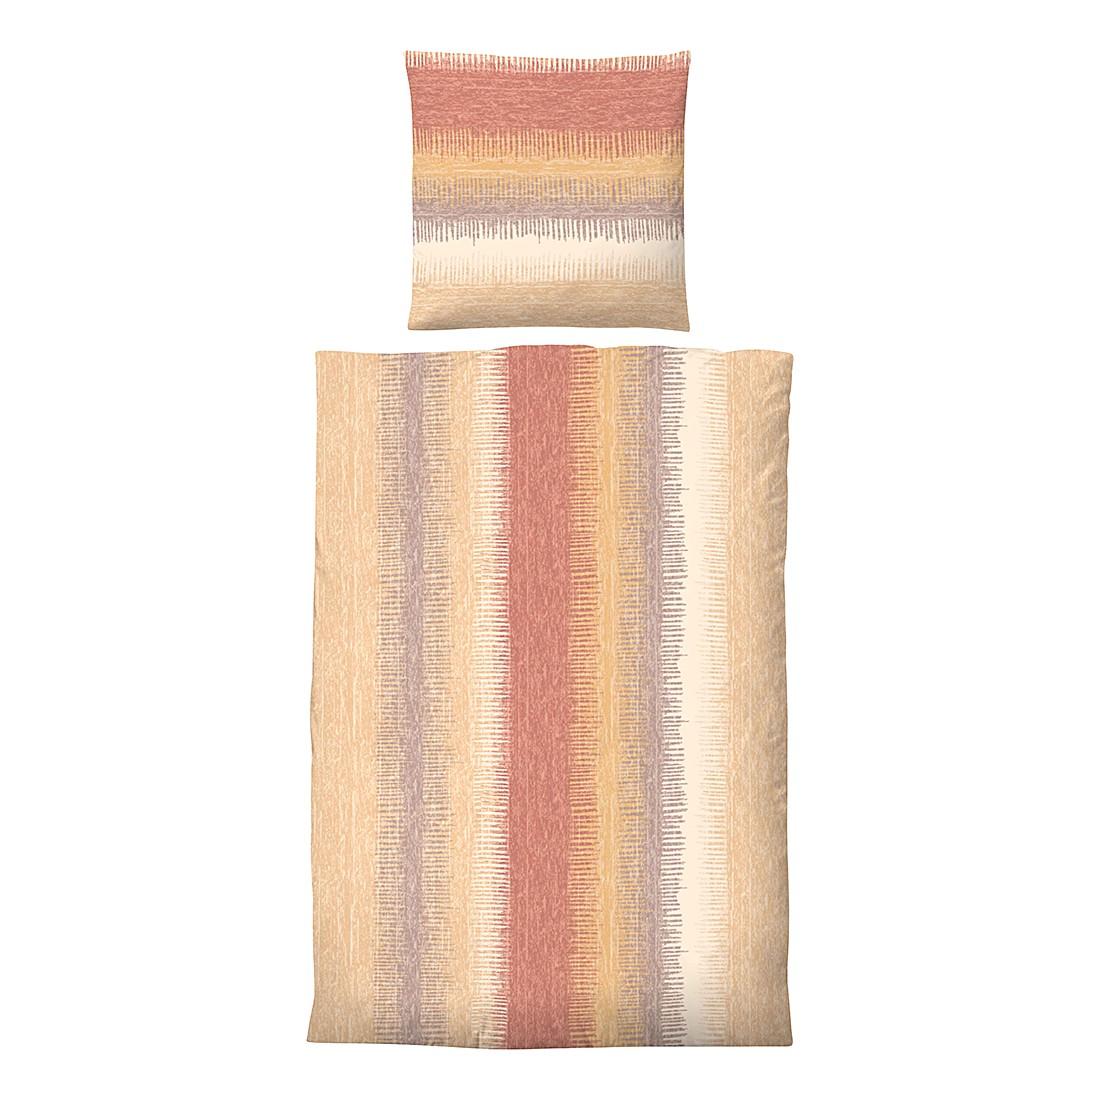 Komfort-Biber-Bettwäsche Susann – Orange – 135 x 200 cm + Kissen 80 x 80 cm, Biberna online kaufen